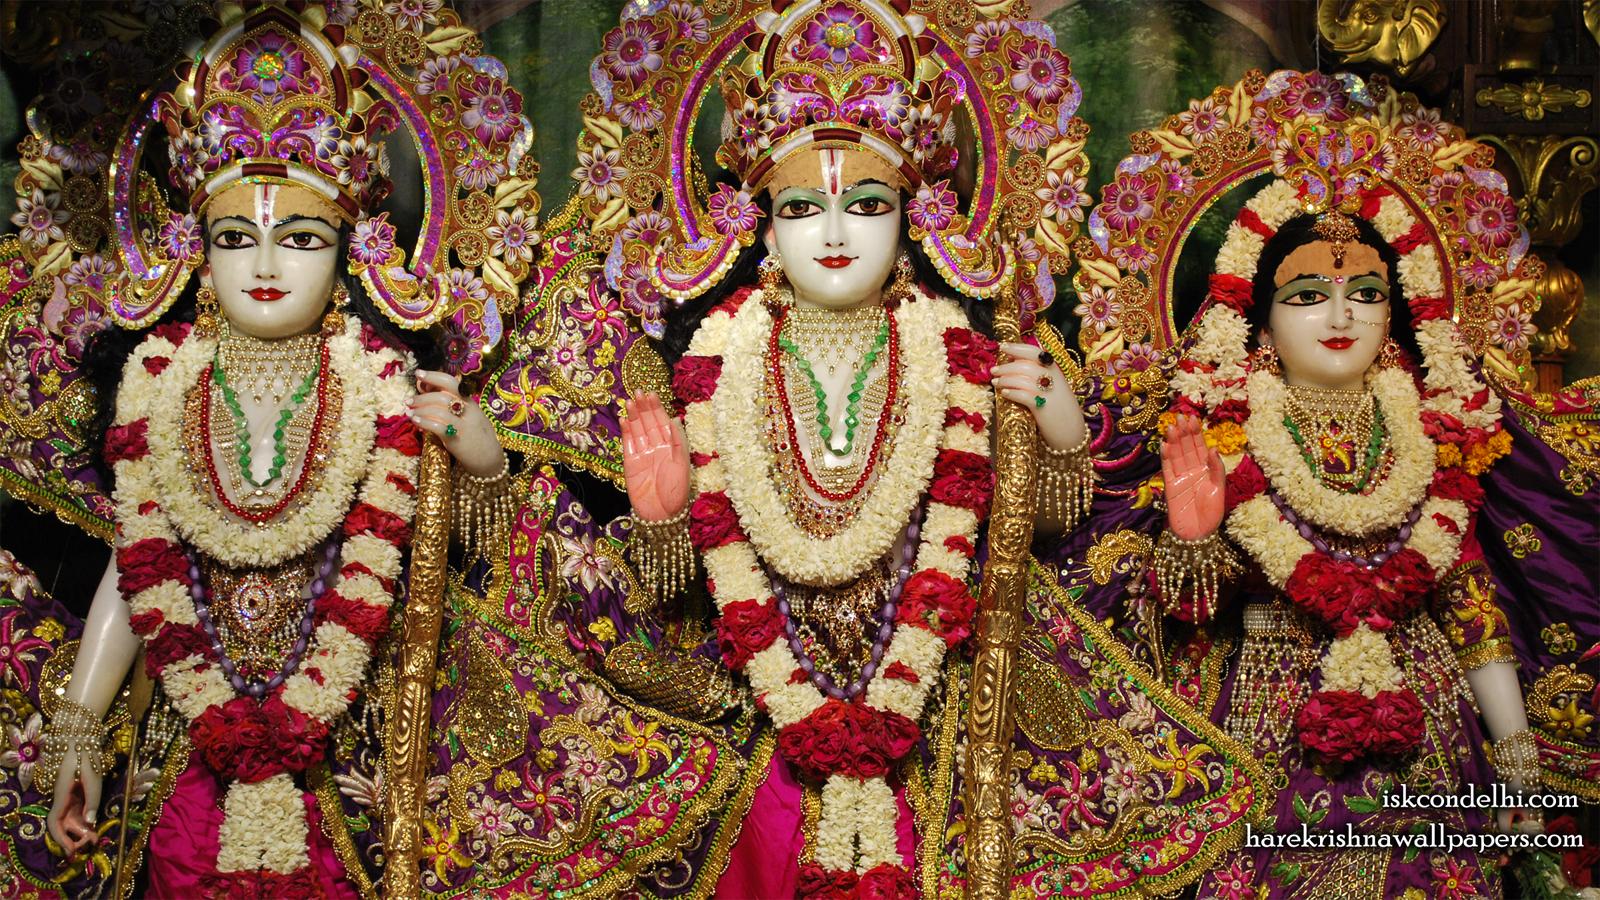 Sri Sri Sita Rama Laxman Wallpaper (007) Size 1600x900 Download